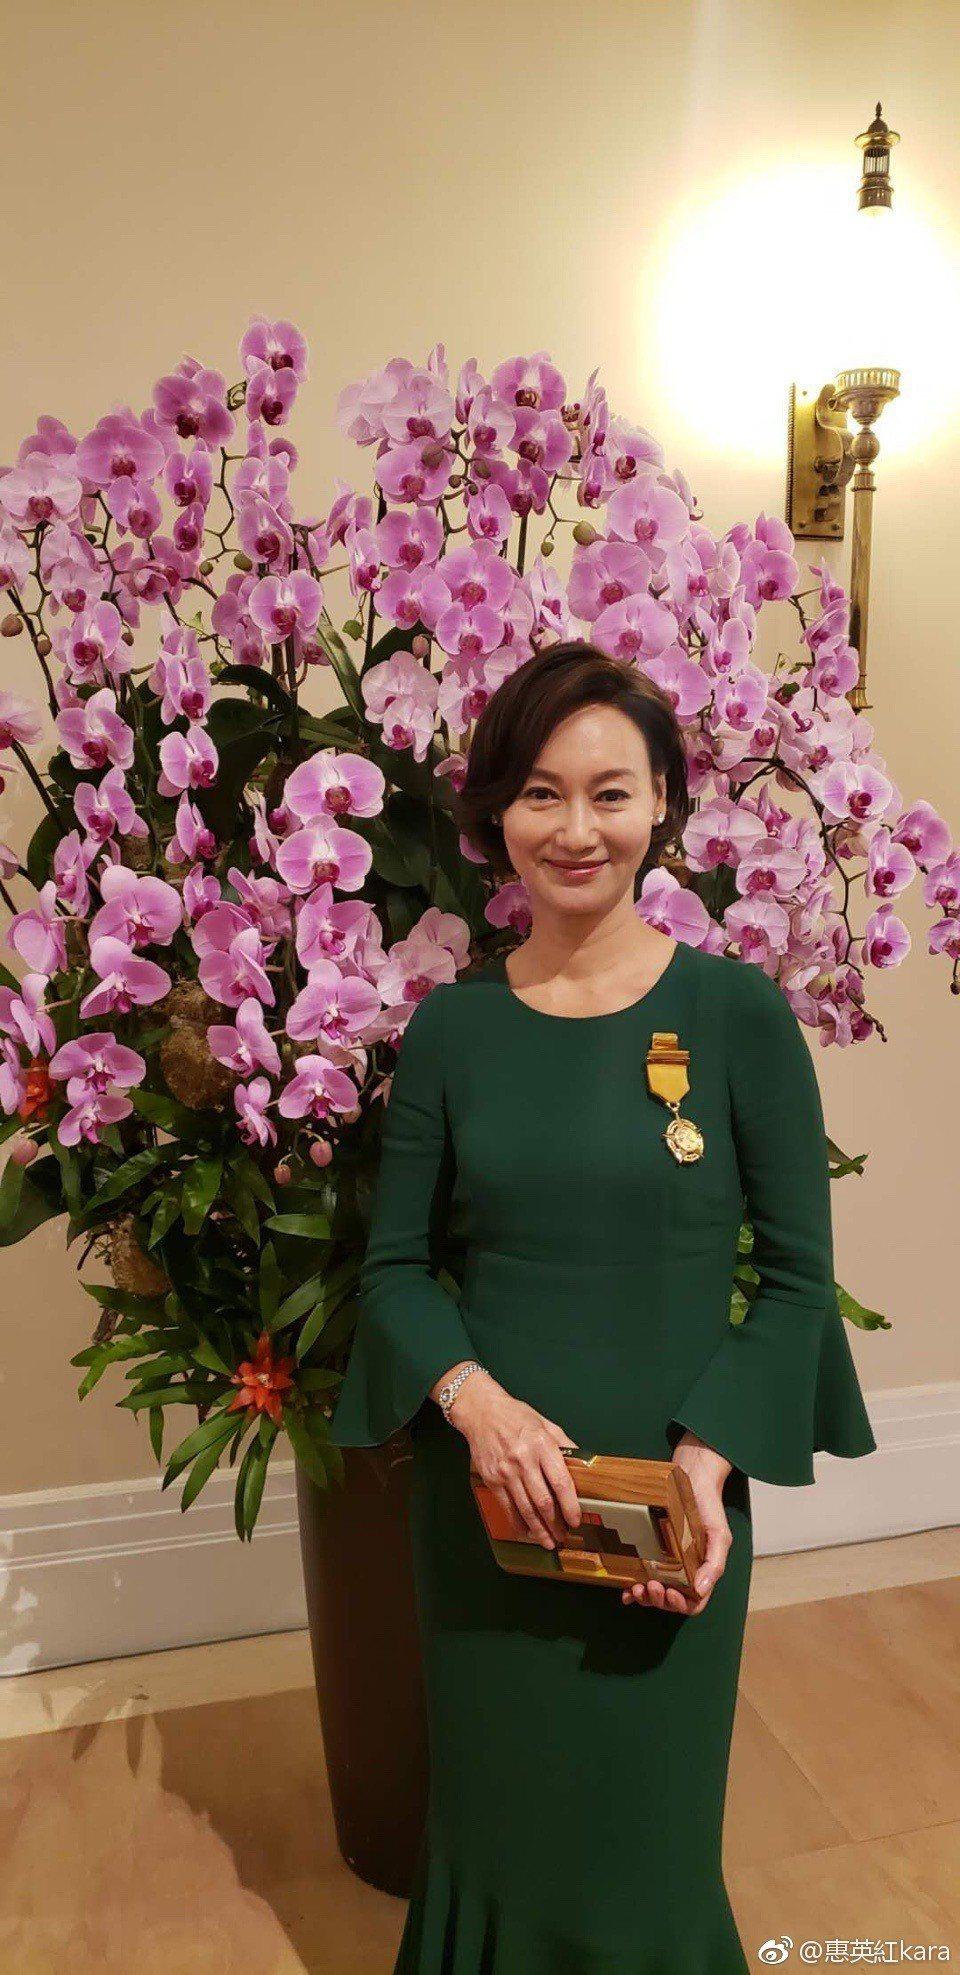 惠英紅一身綠色優雅長裙出席授勳儀式。圖/摘自微博